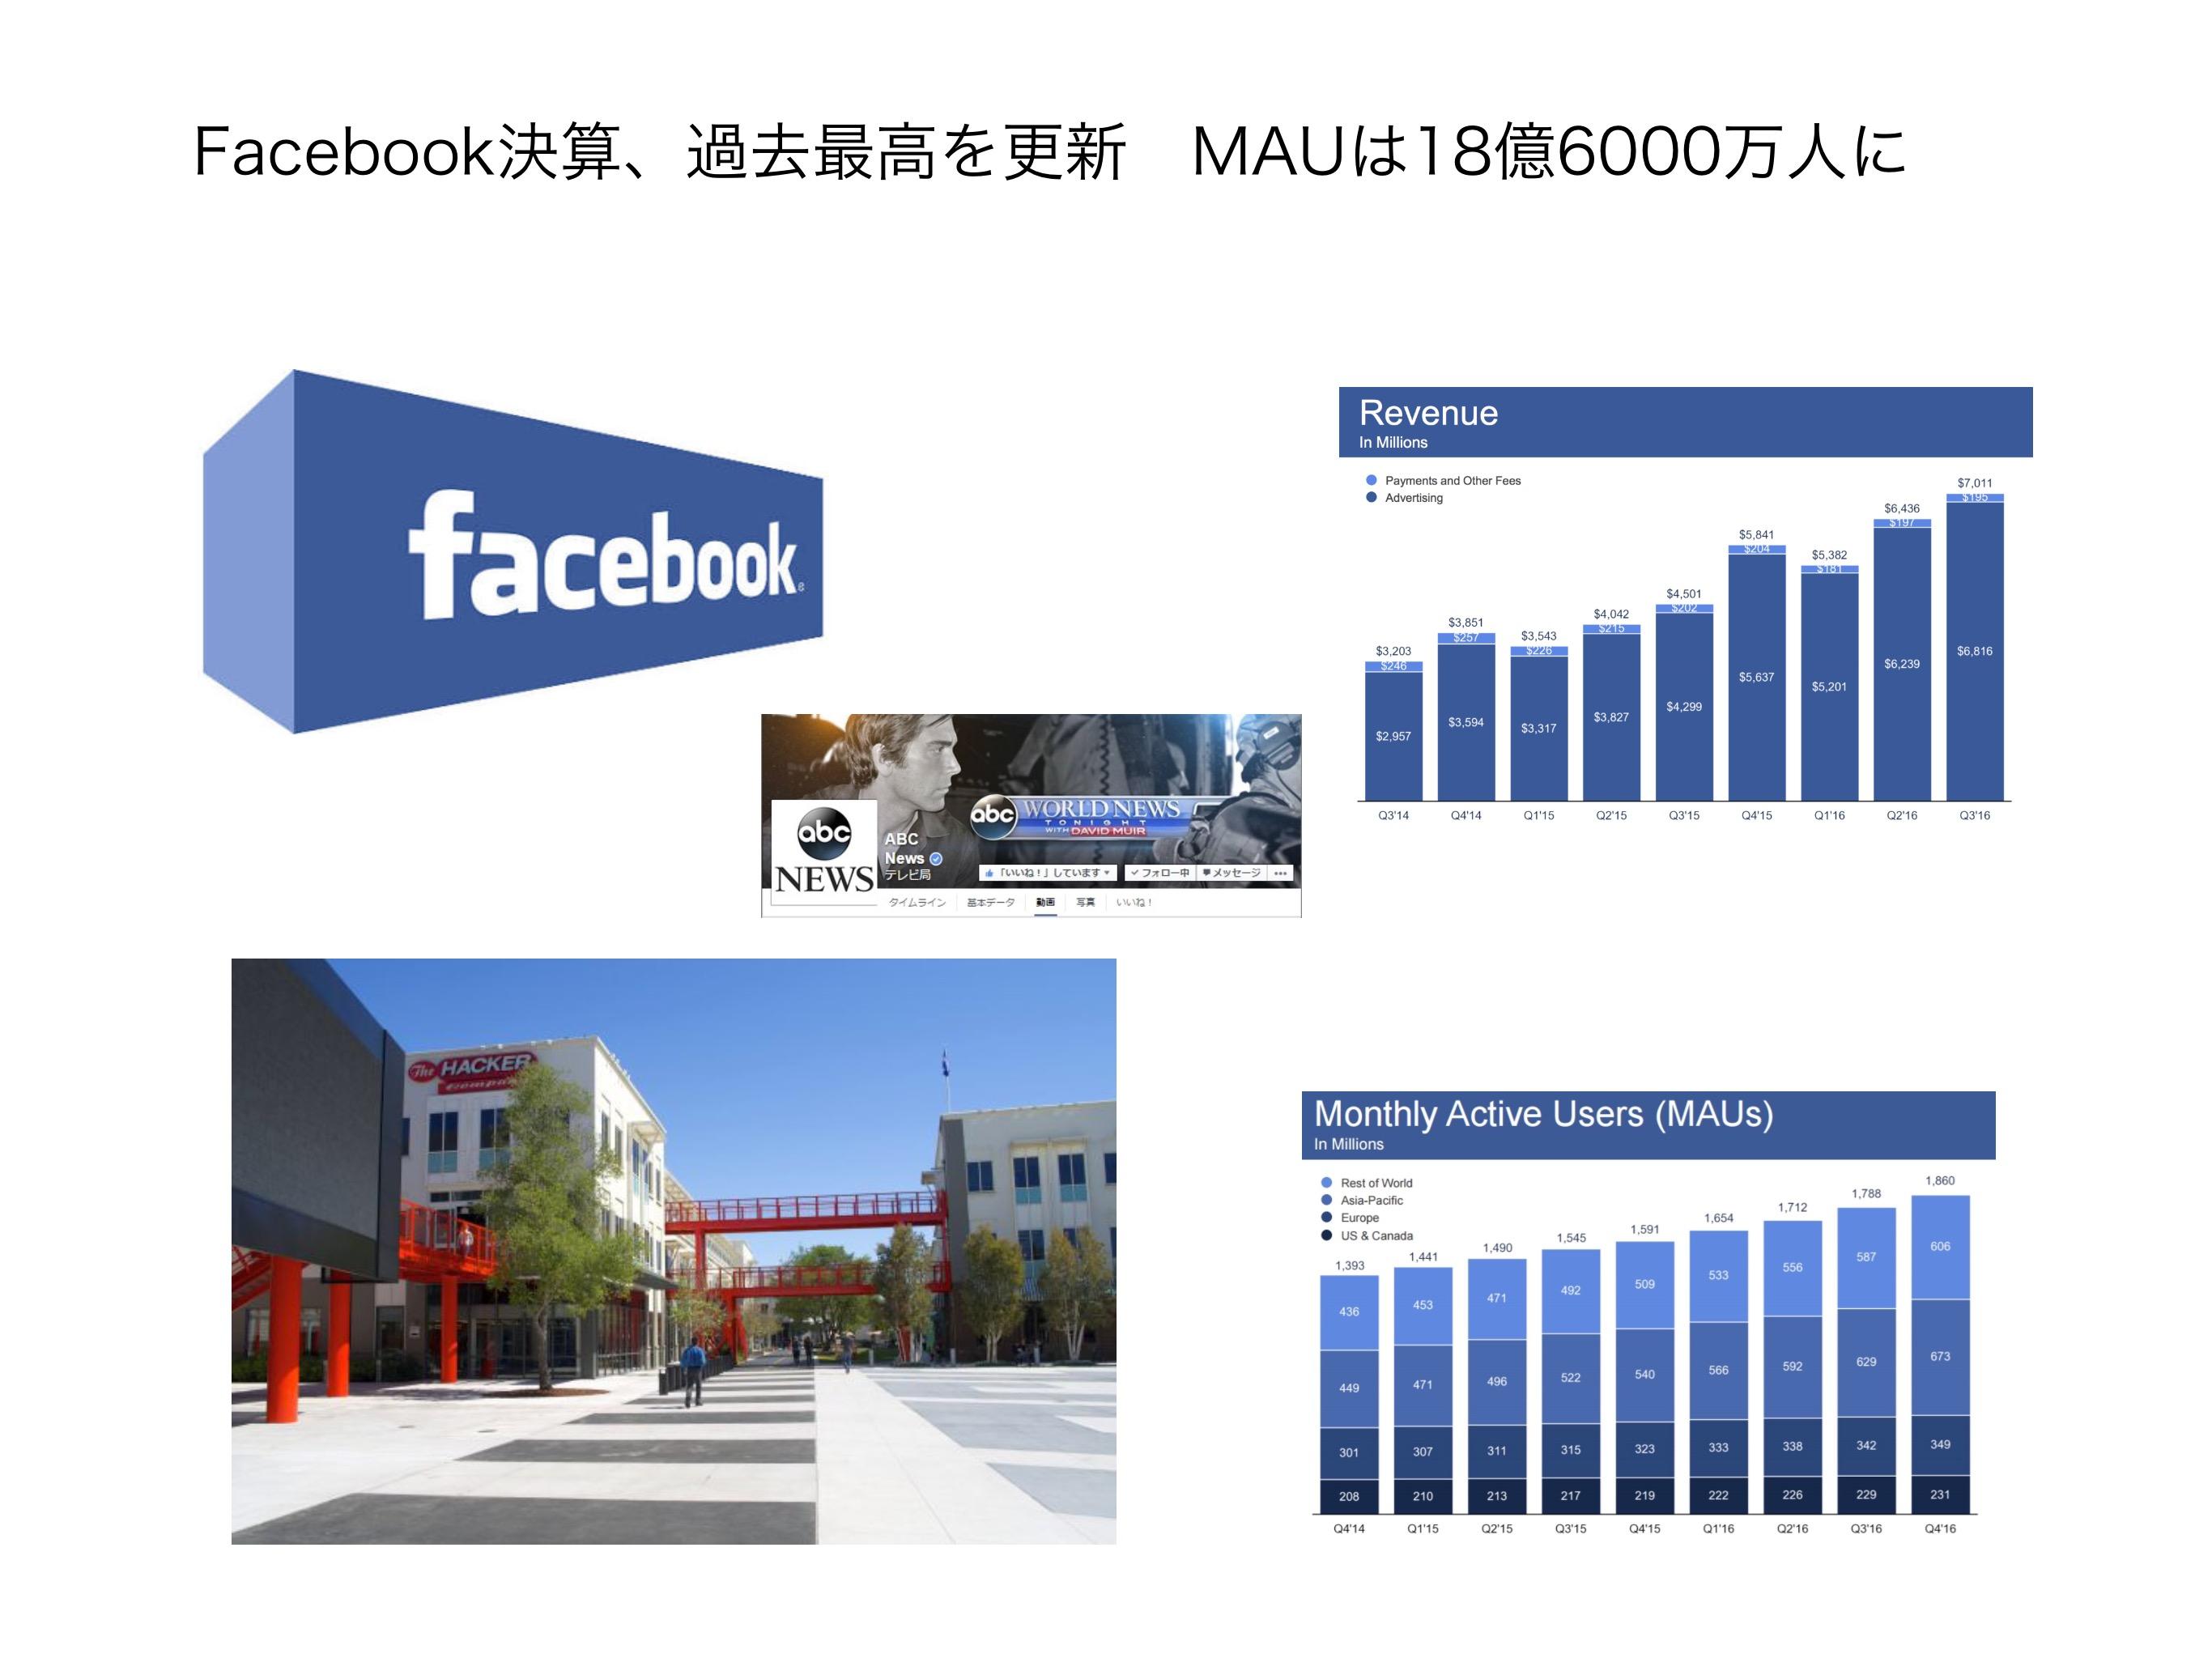 facebook Q4